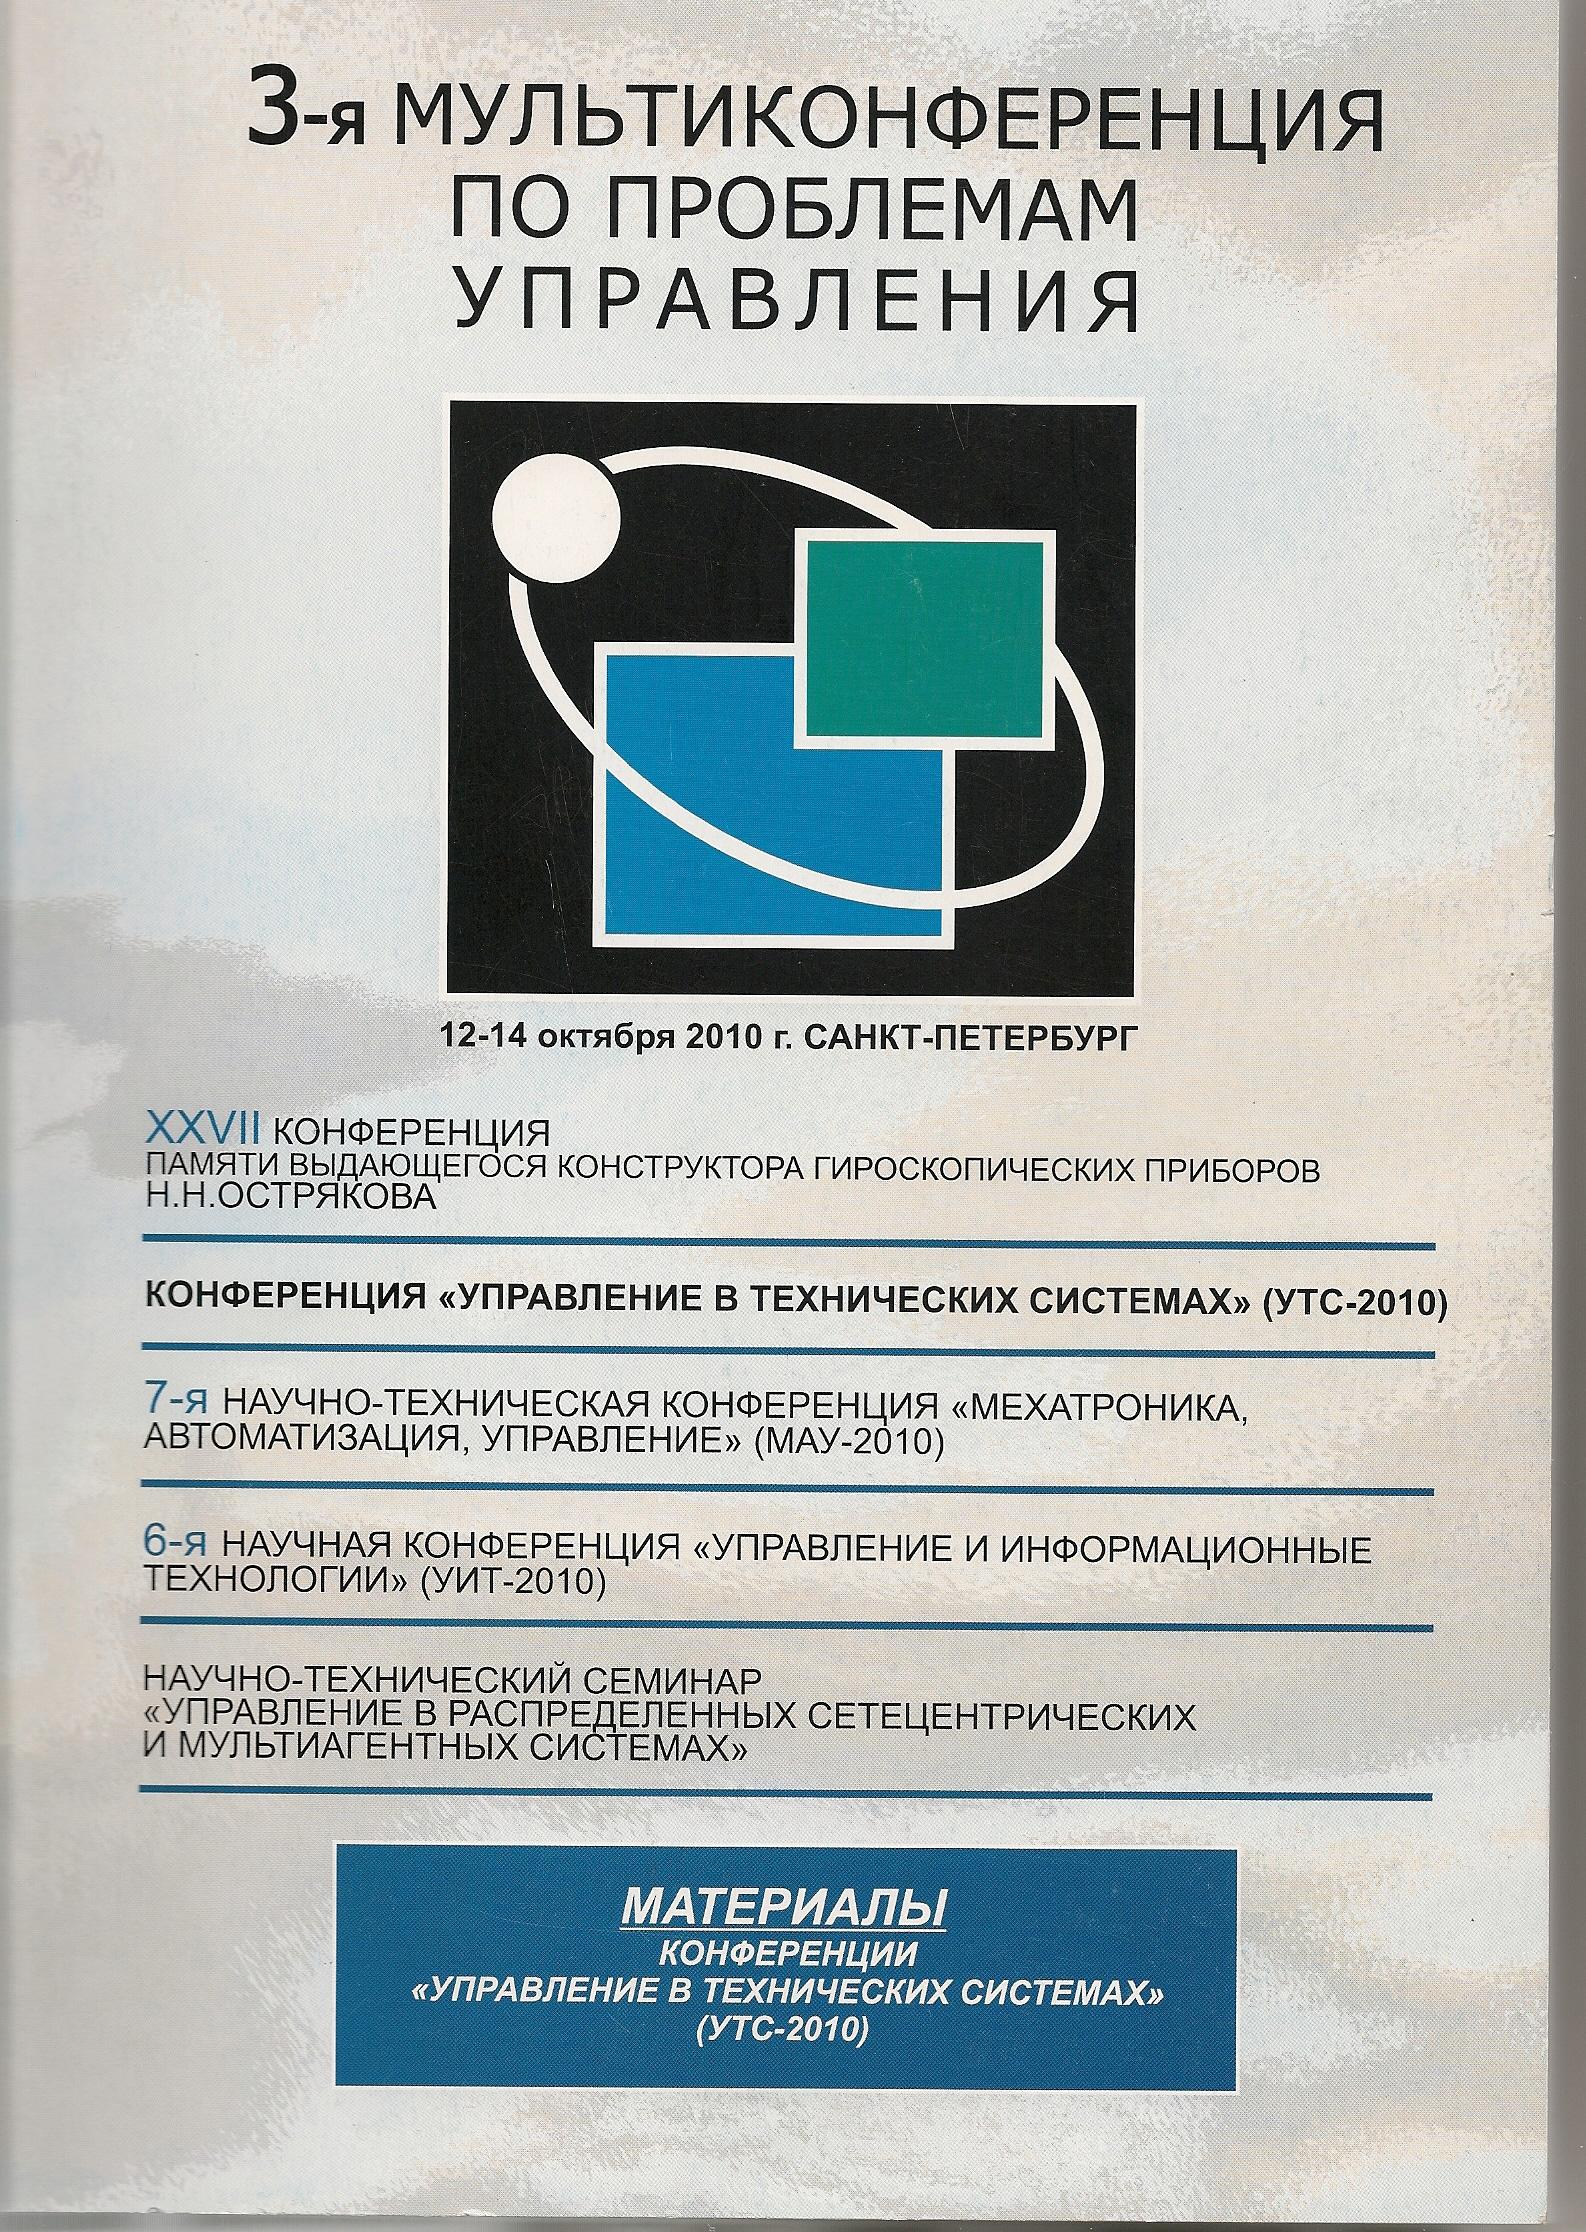 3-я Мультиконференция по проблемам управления